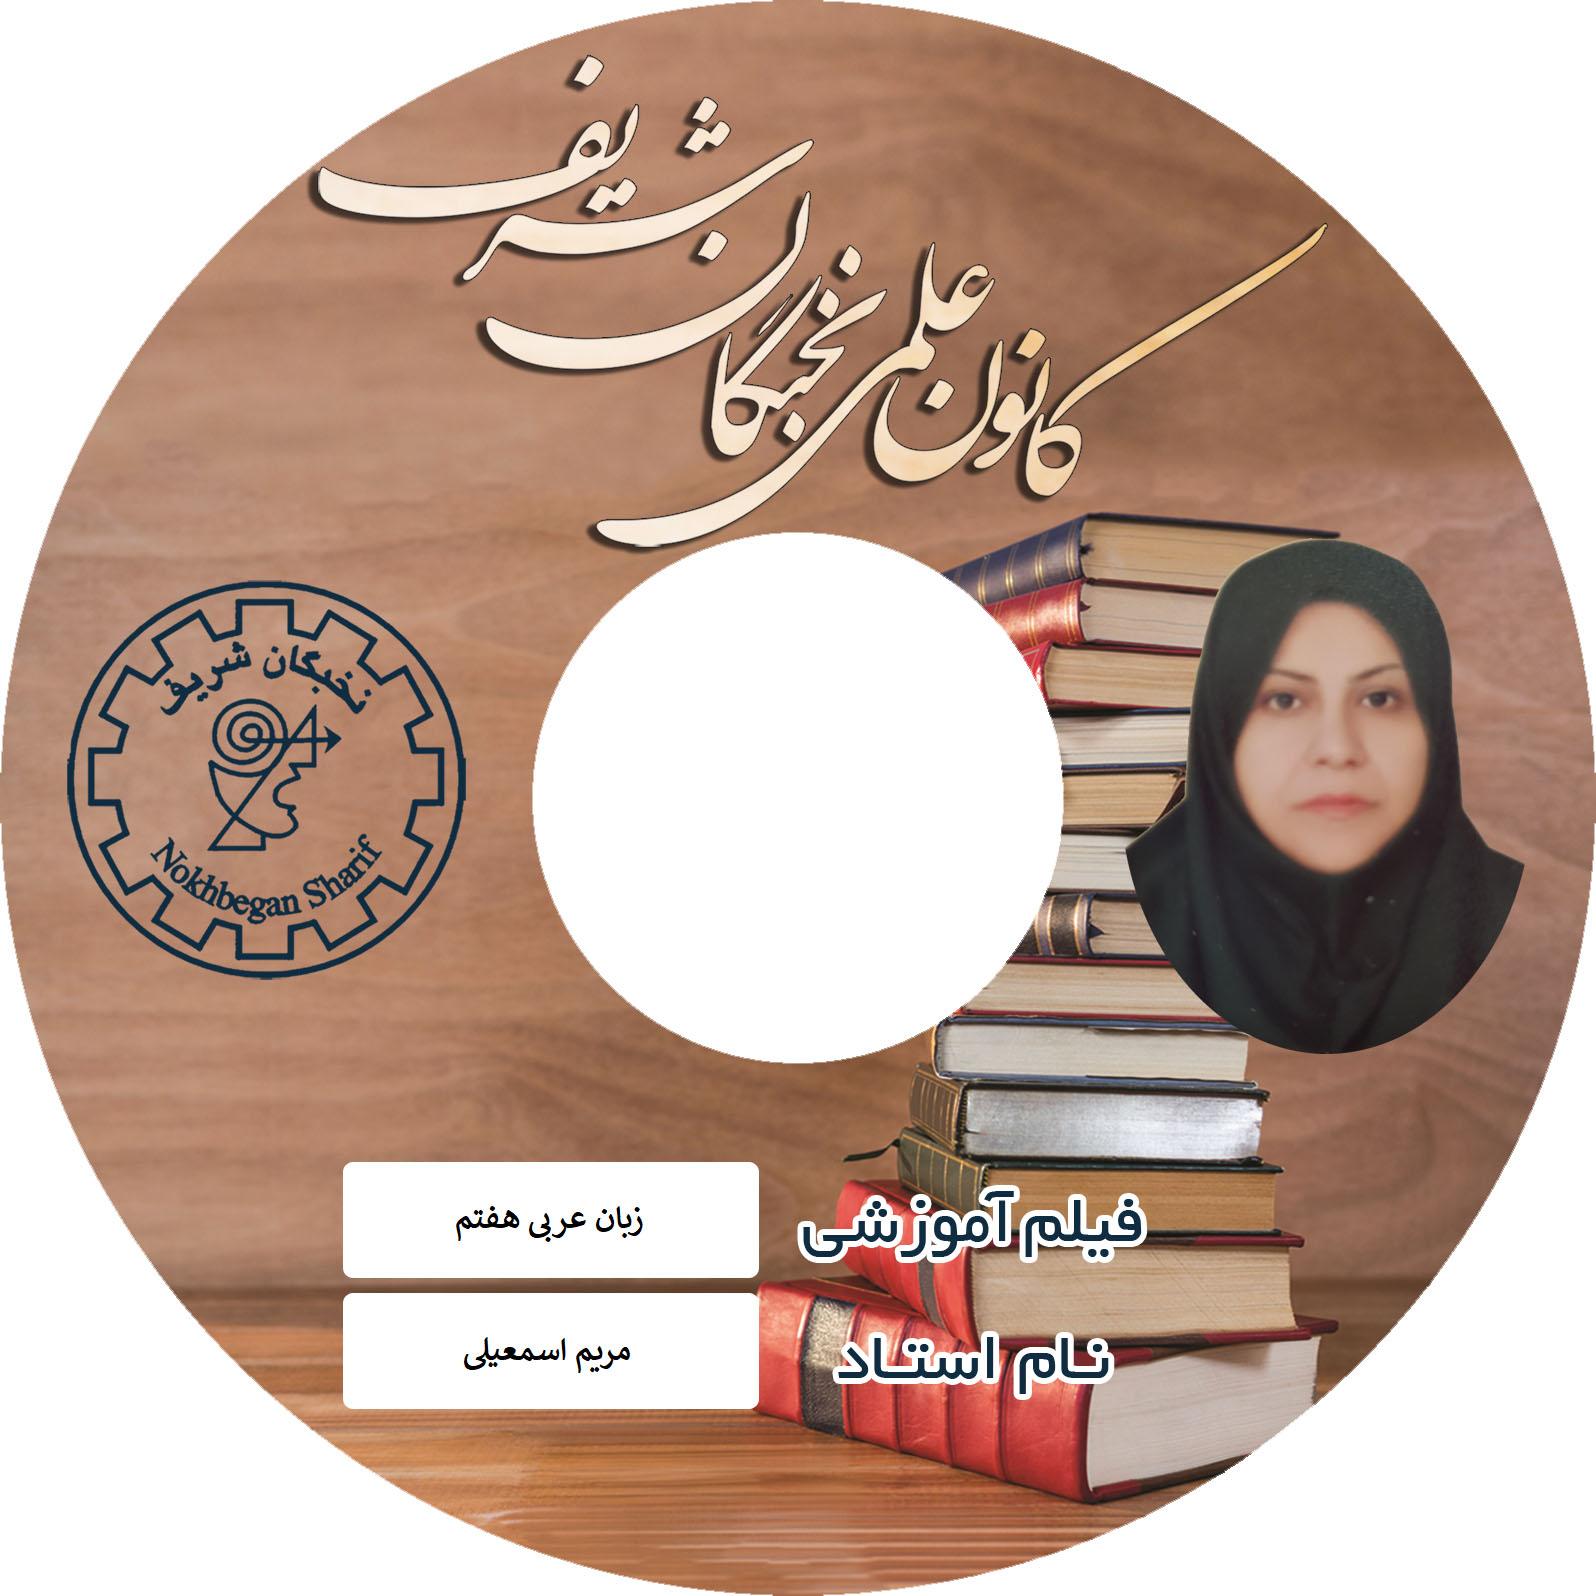 آموزش تصویری زبان عربی هفتم نشر نخبگان شریف